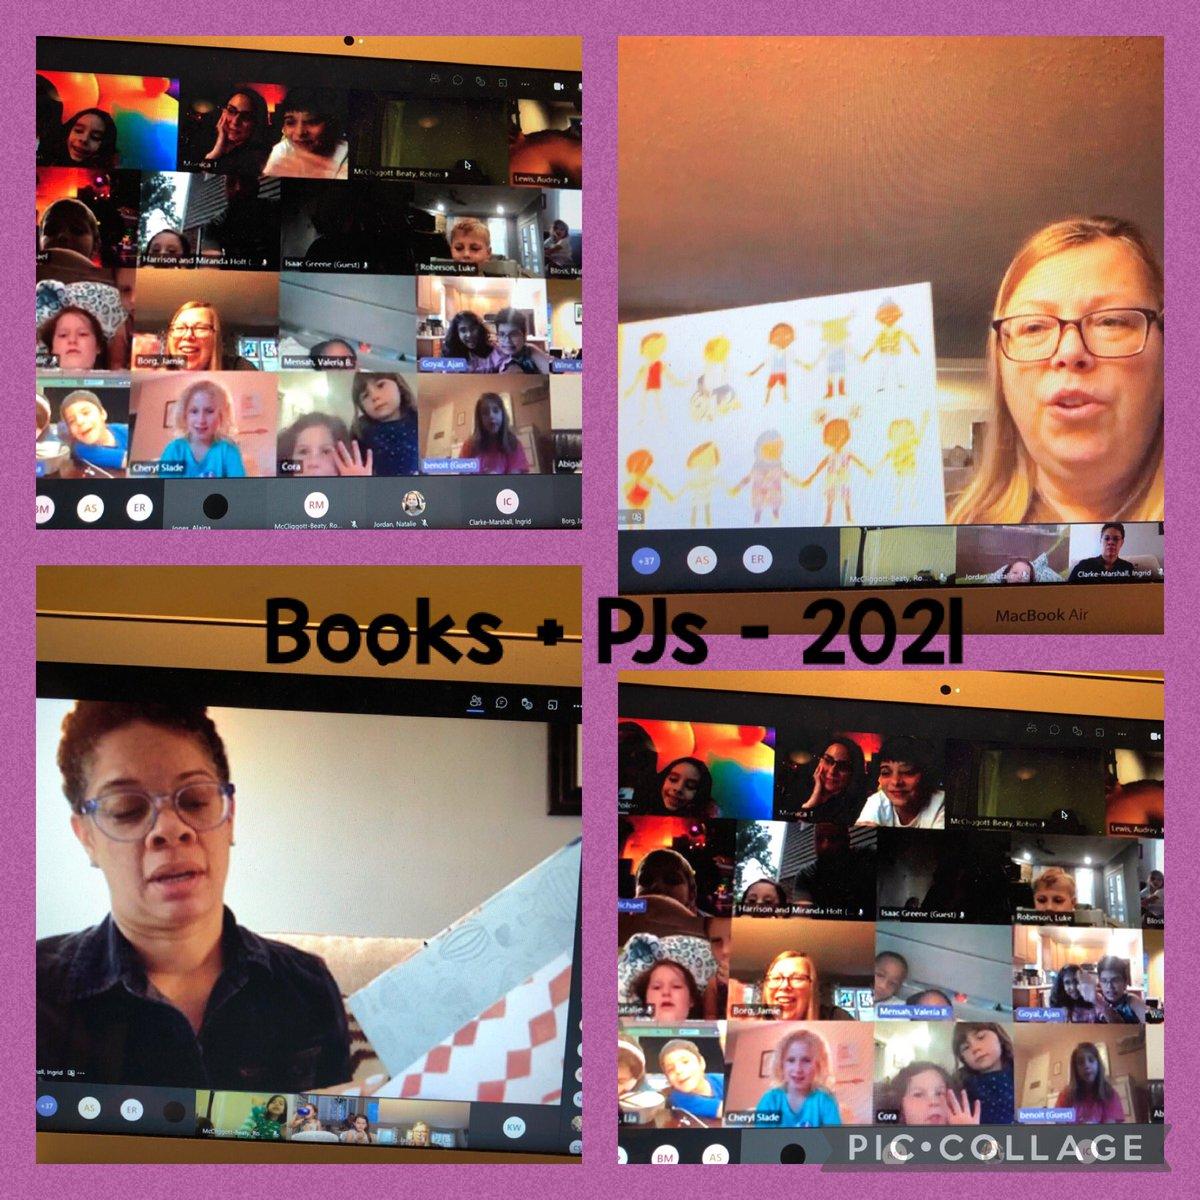 感謝 Borg 女士和 Clarke-Marshall 女士閱讀我們 20-21 學年的最後一本書 + PJ! 感謝您的家人加入 - 多麼美好的夜晚! @GlebeAPS @APSLibrarians https://t.co/4DrhaYD2g0